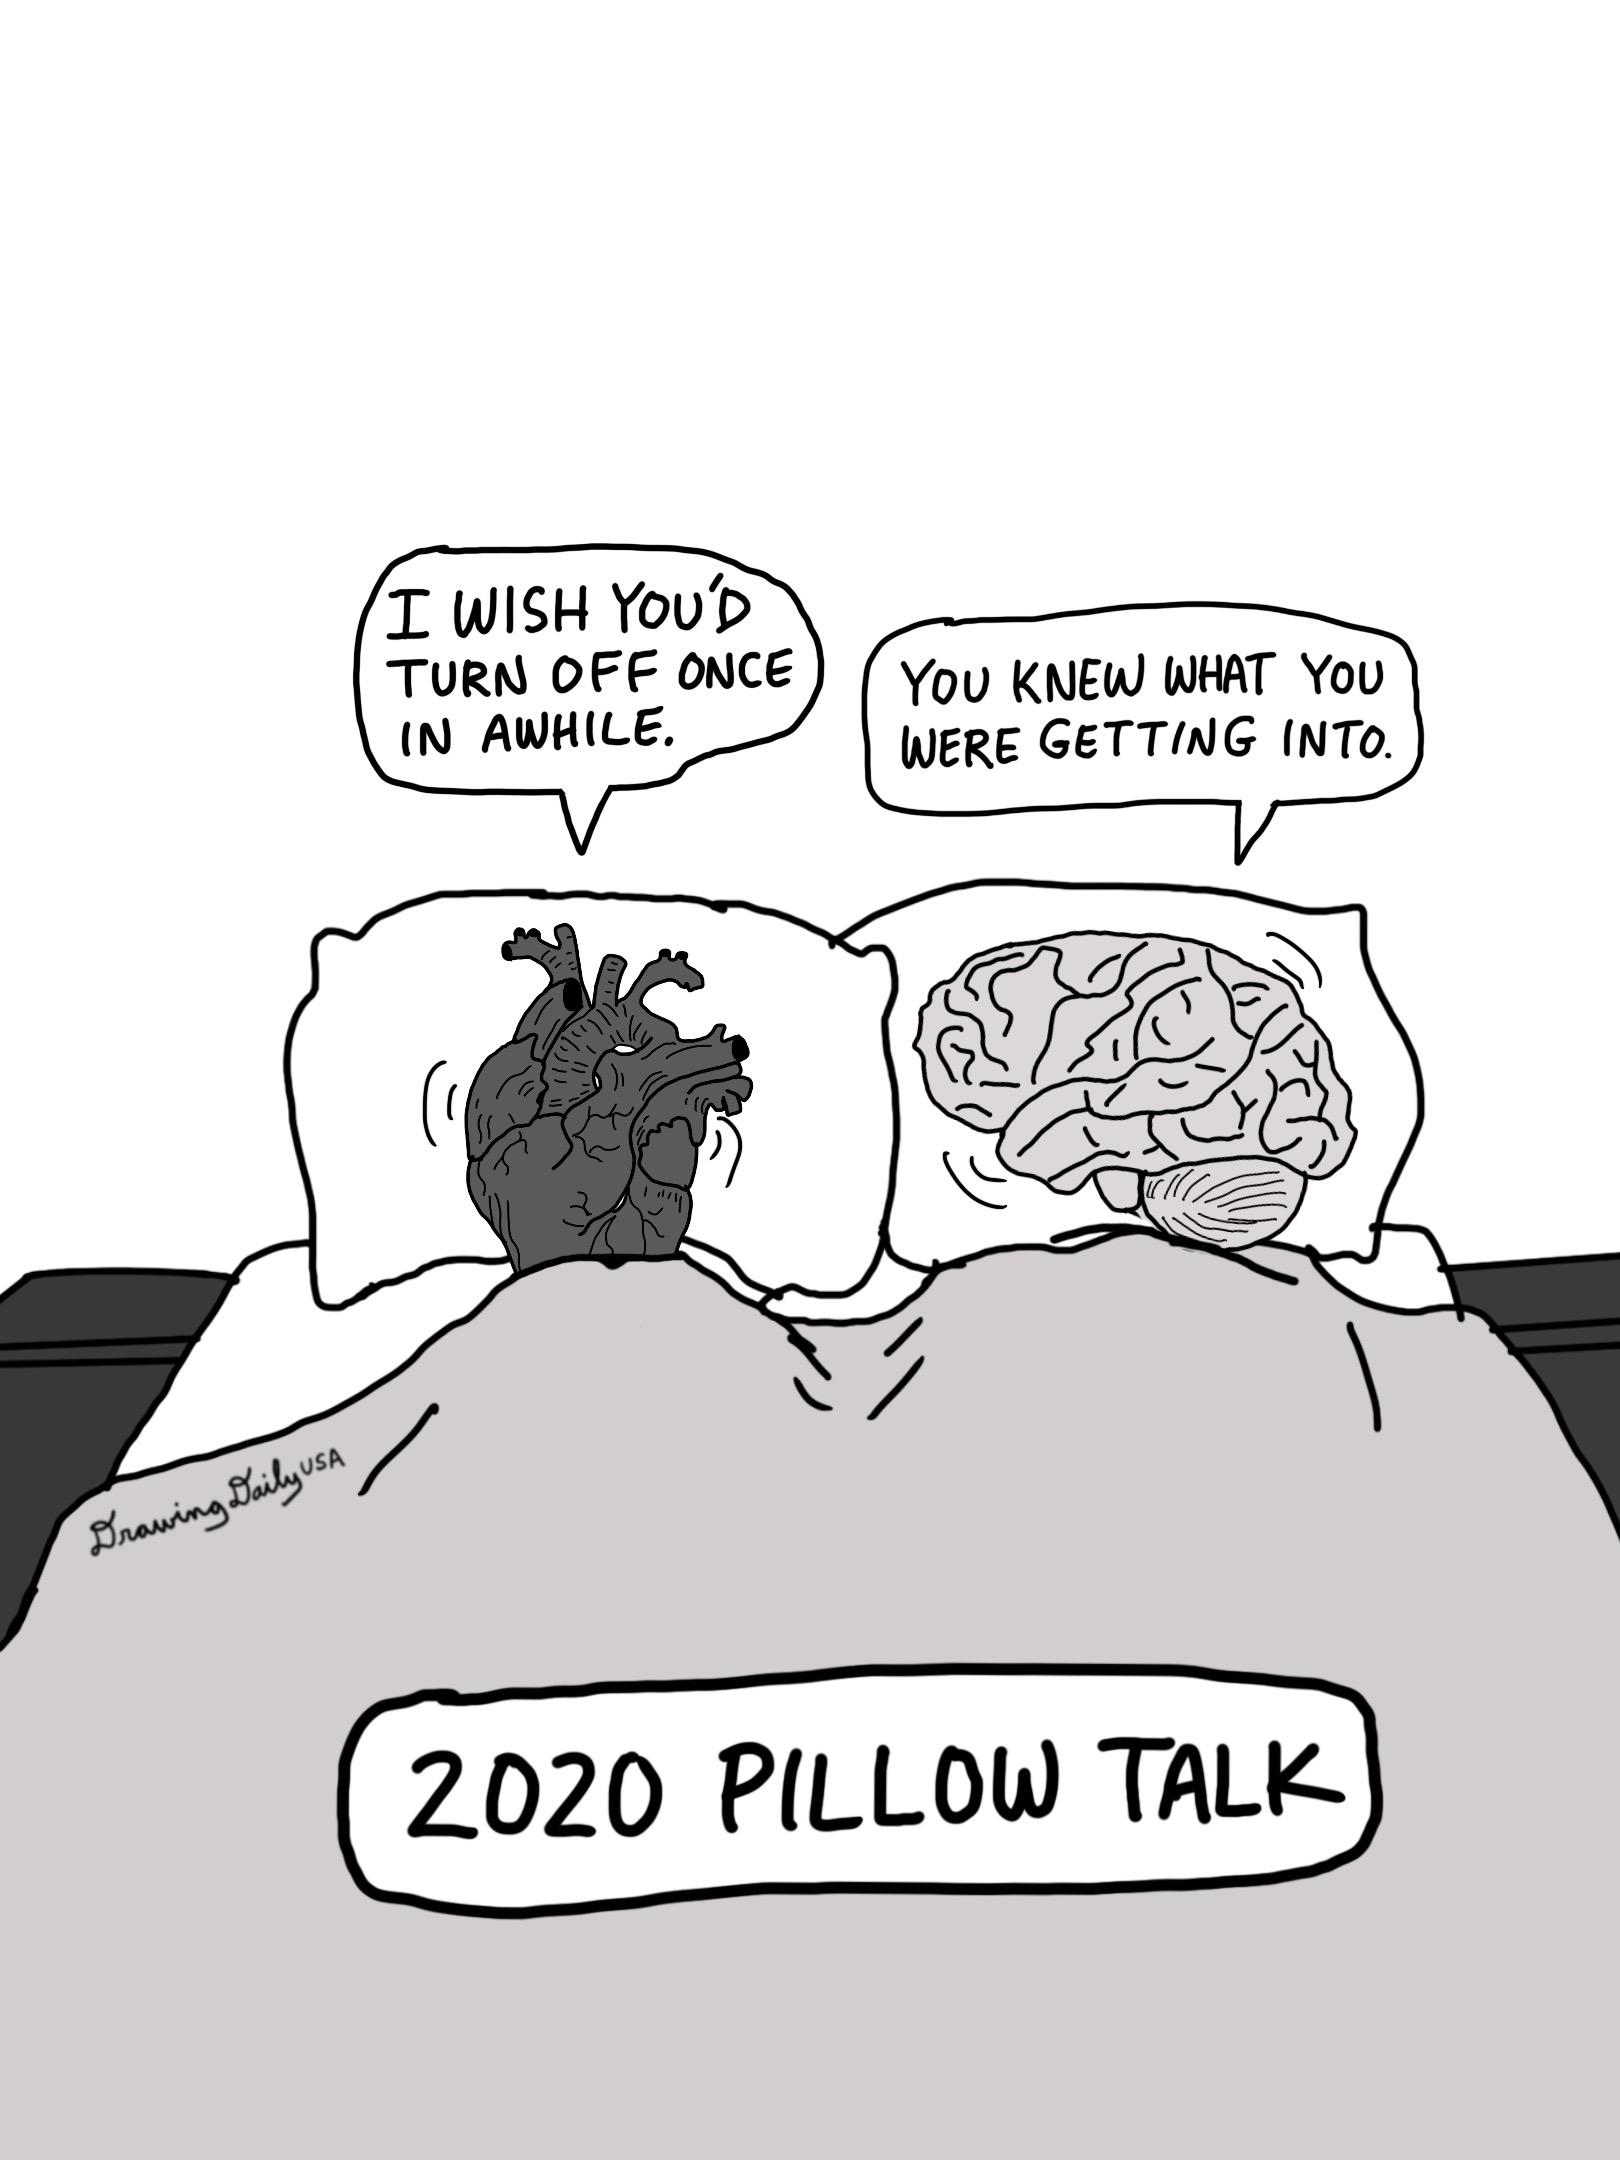 2020 Pillow Talk